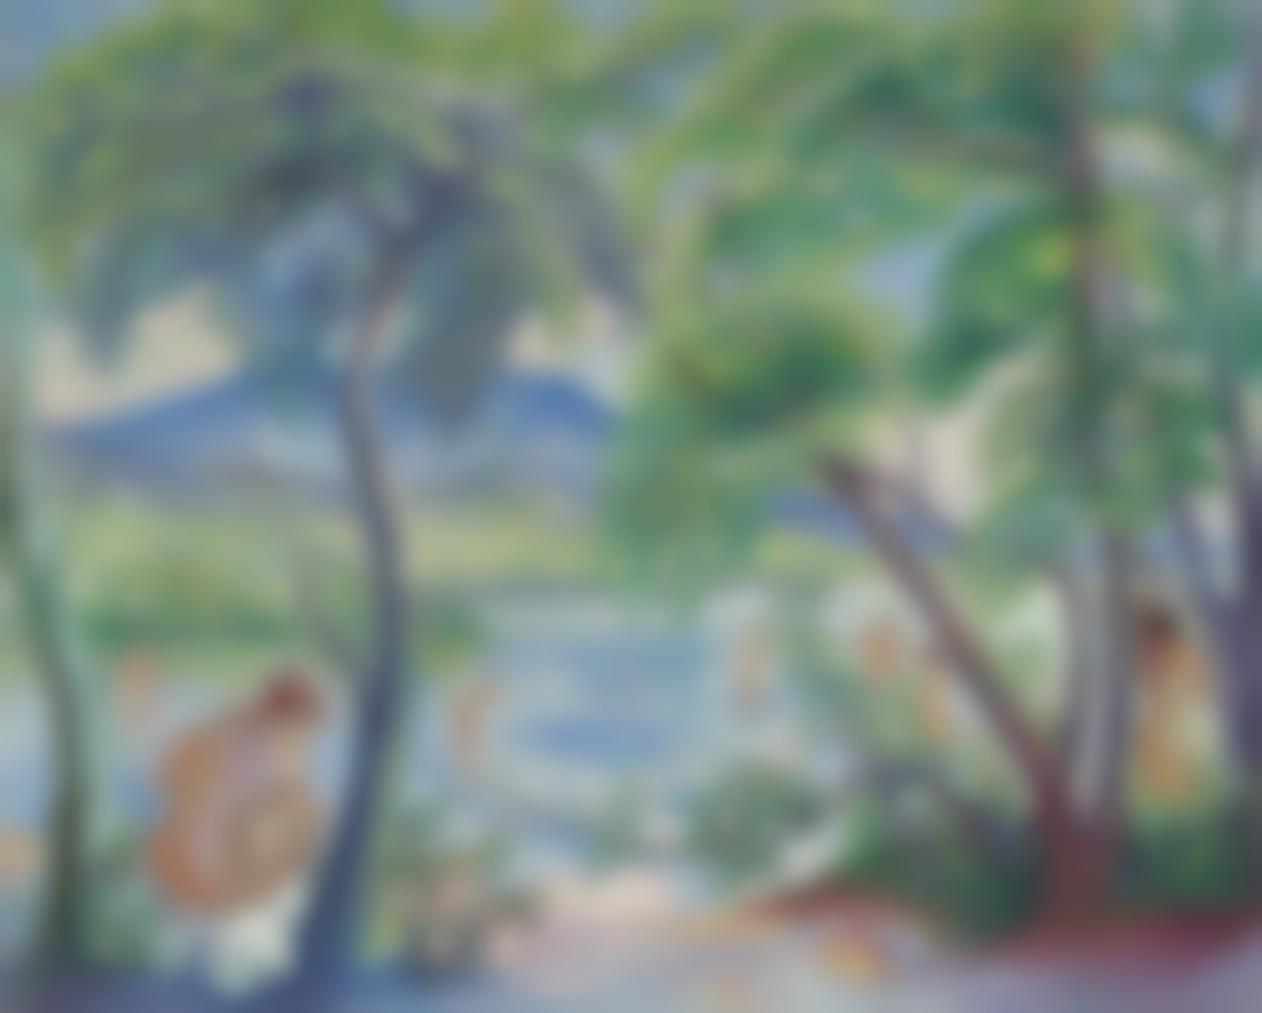 Henri Charles Manguin-Paysage Aux Baigneuses, Colombier-1917